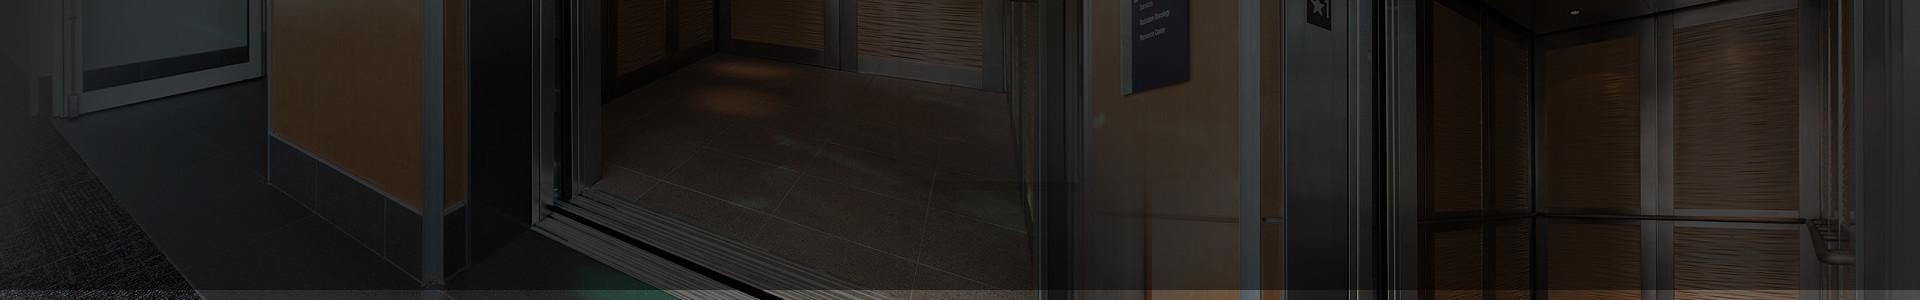 sedye - Sedye Asansörü